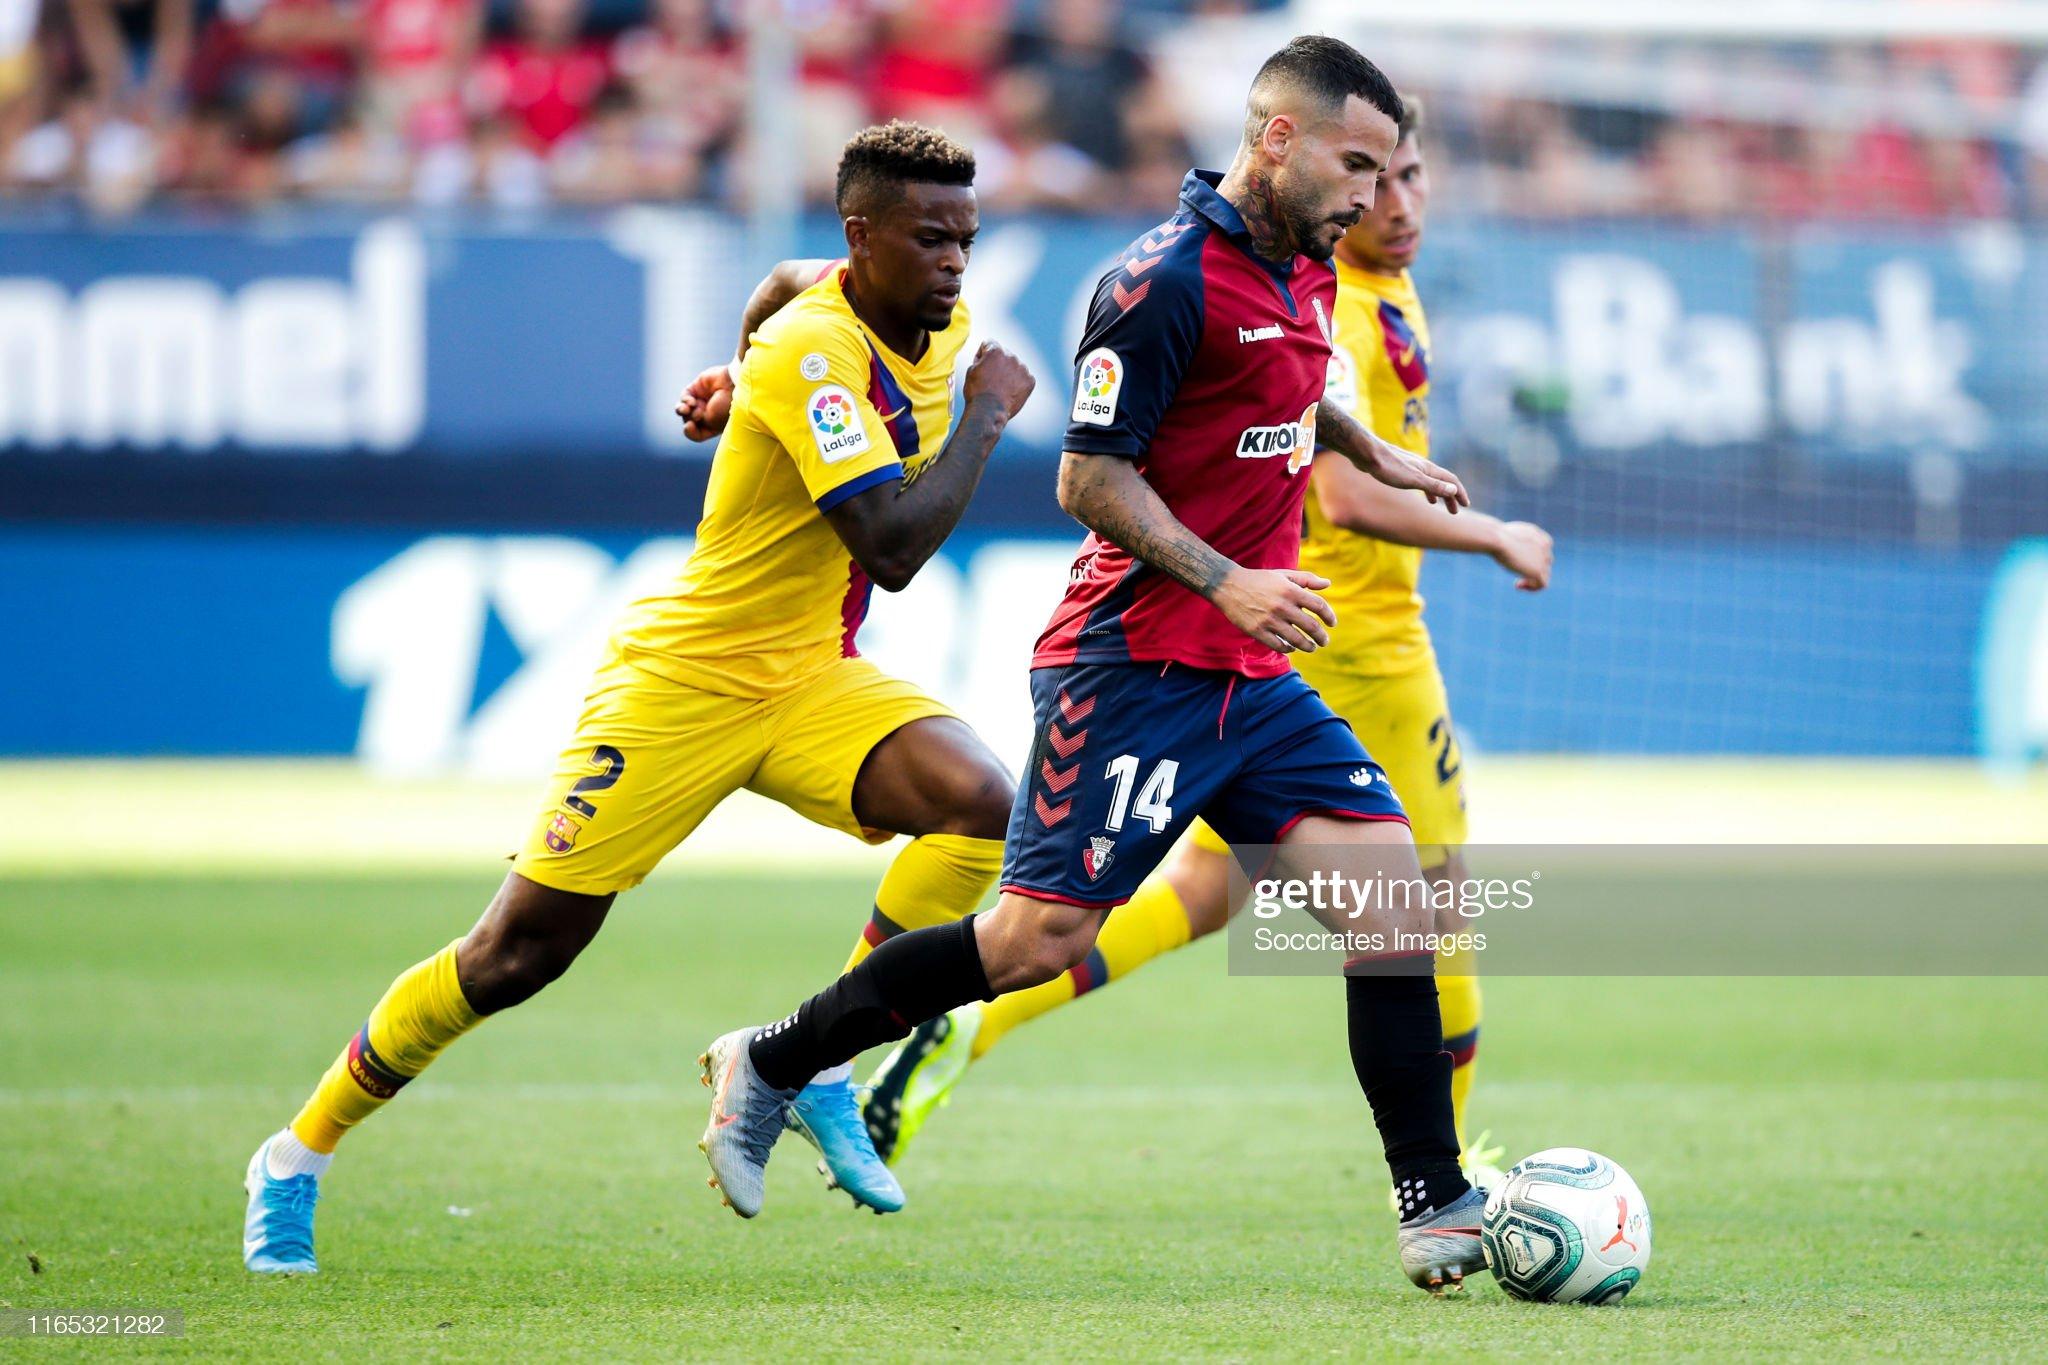 صور مباراة : أوساسونا - برشلونة 2-2 ( 31-08-2019 )  Nelson-semedo-of-fc-barcelona-ruben-garcia-of-ca-osasuna-sergi-of-fc-picture-id1165321282?s=2048x2048